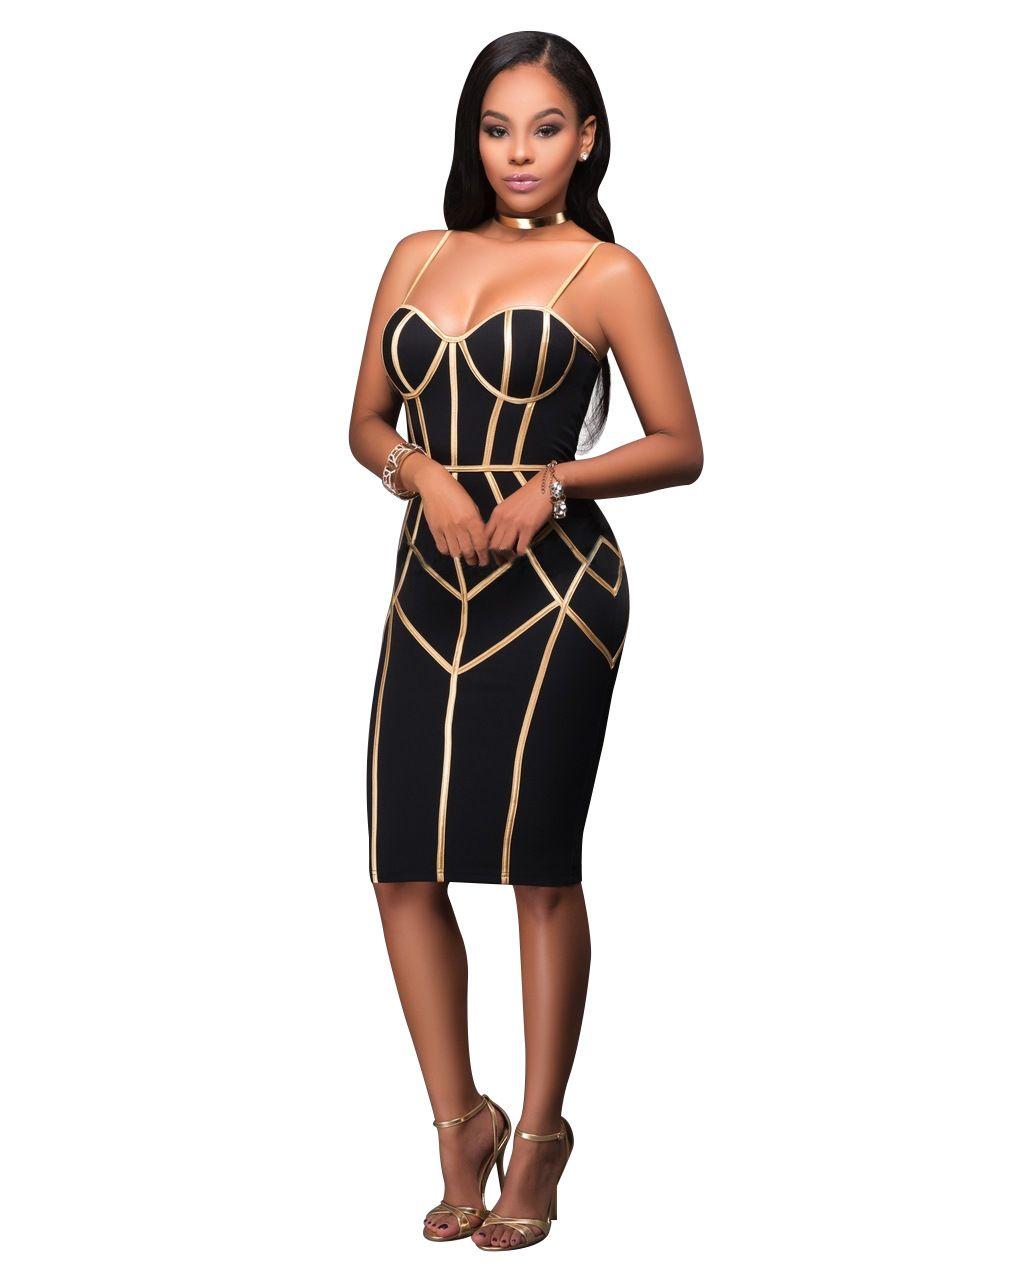 Yaz Seksi Elbise 2020 Yeni Bayan Elbise Siyah Seksi Paketi Kalça Gece Kulübü Kaşkorse Etek baskı Ekleme Elbise